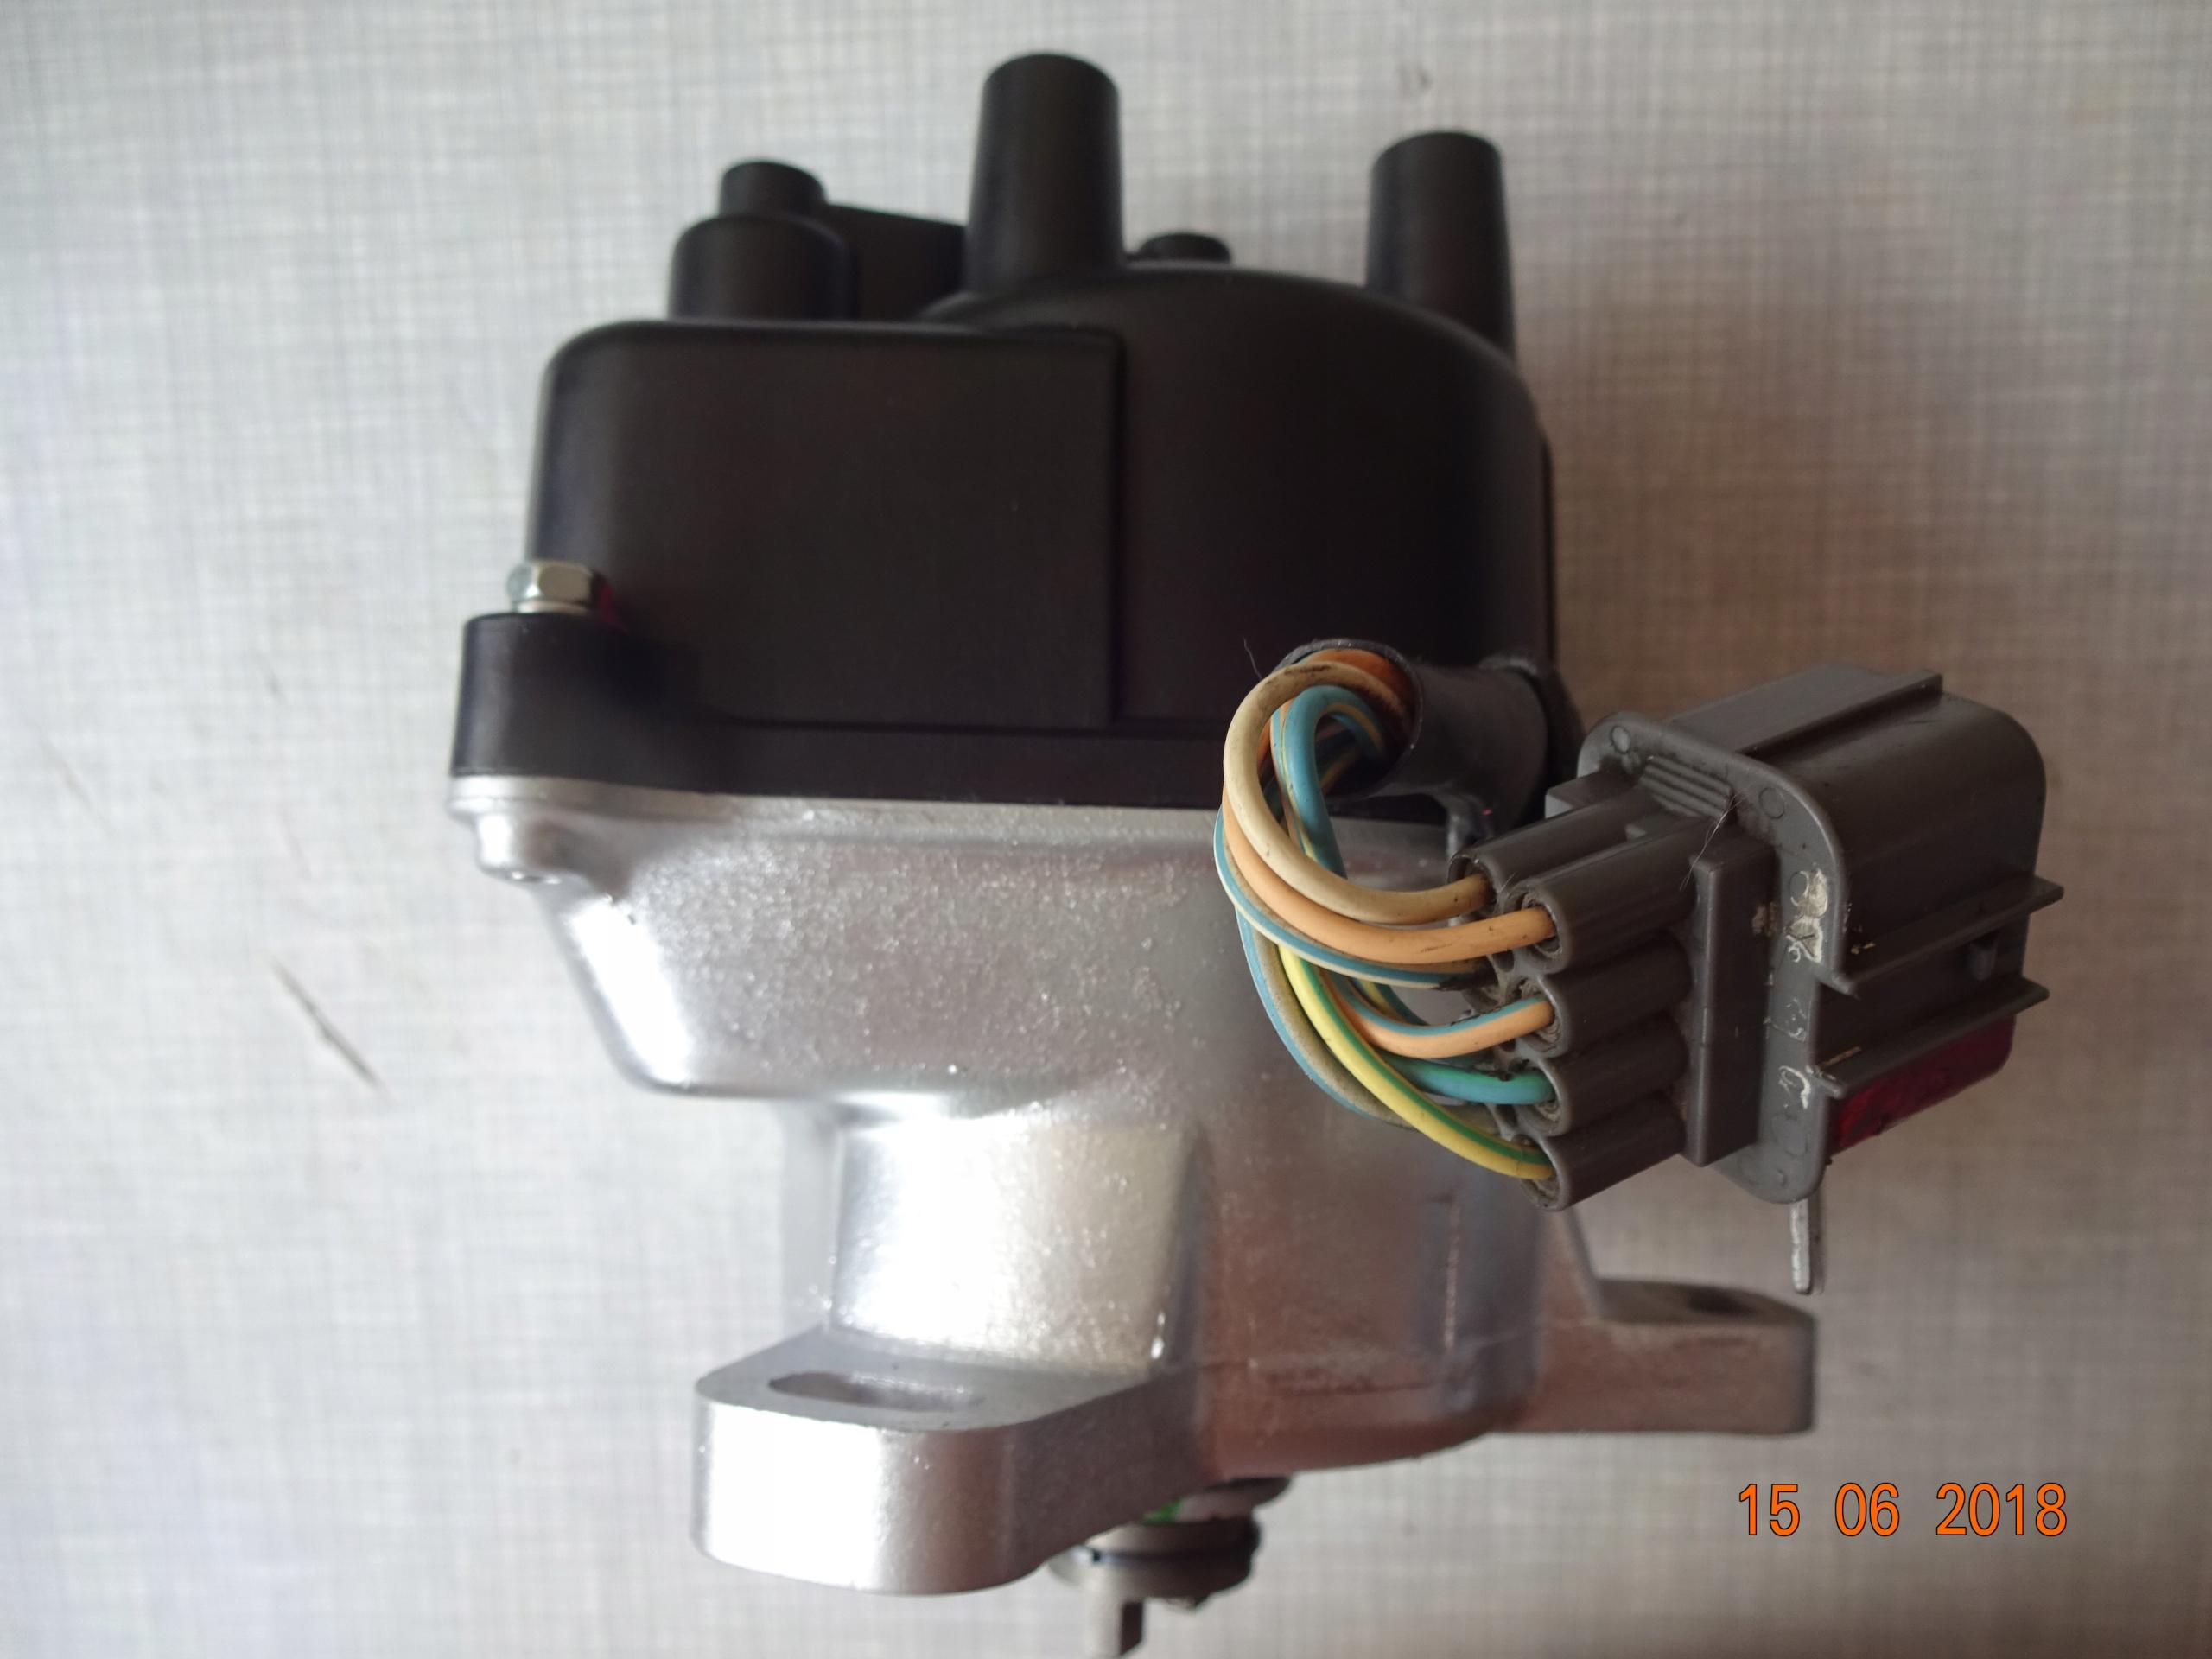 камера зажигания honda hrv 16 3lata gwaranc f-vat